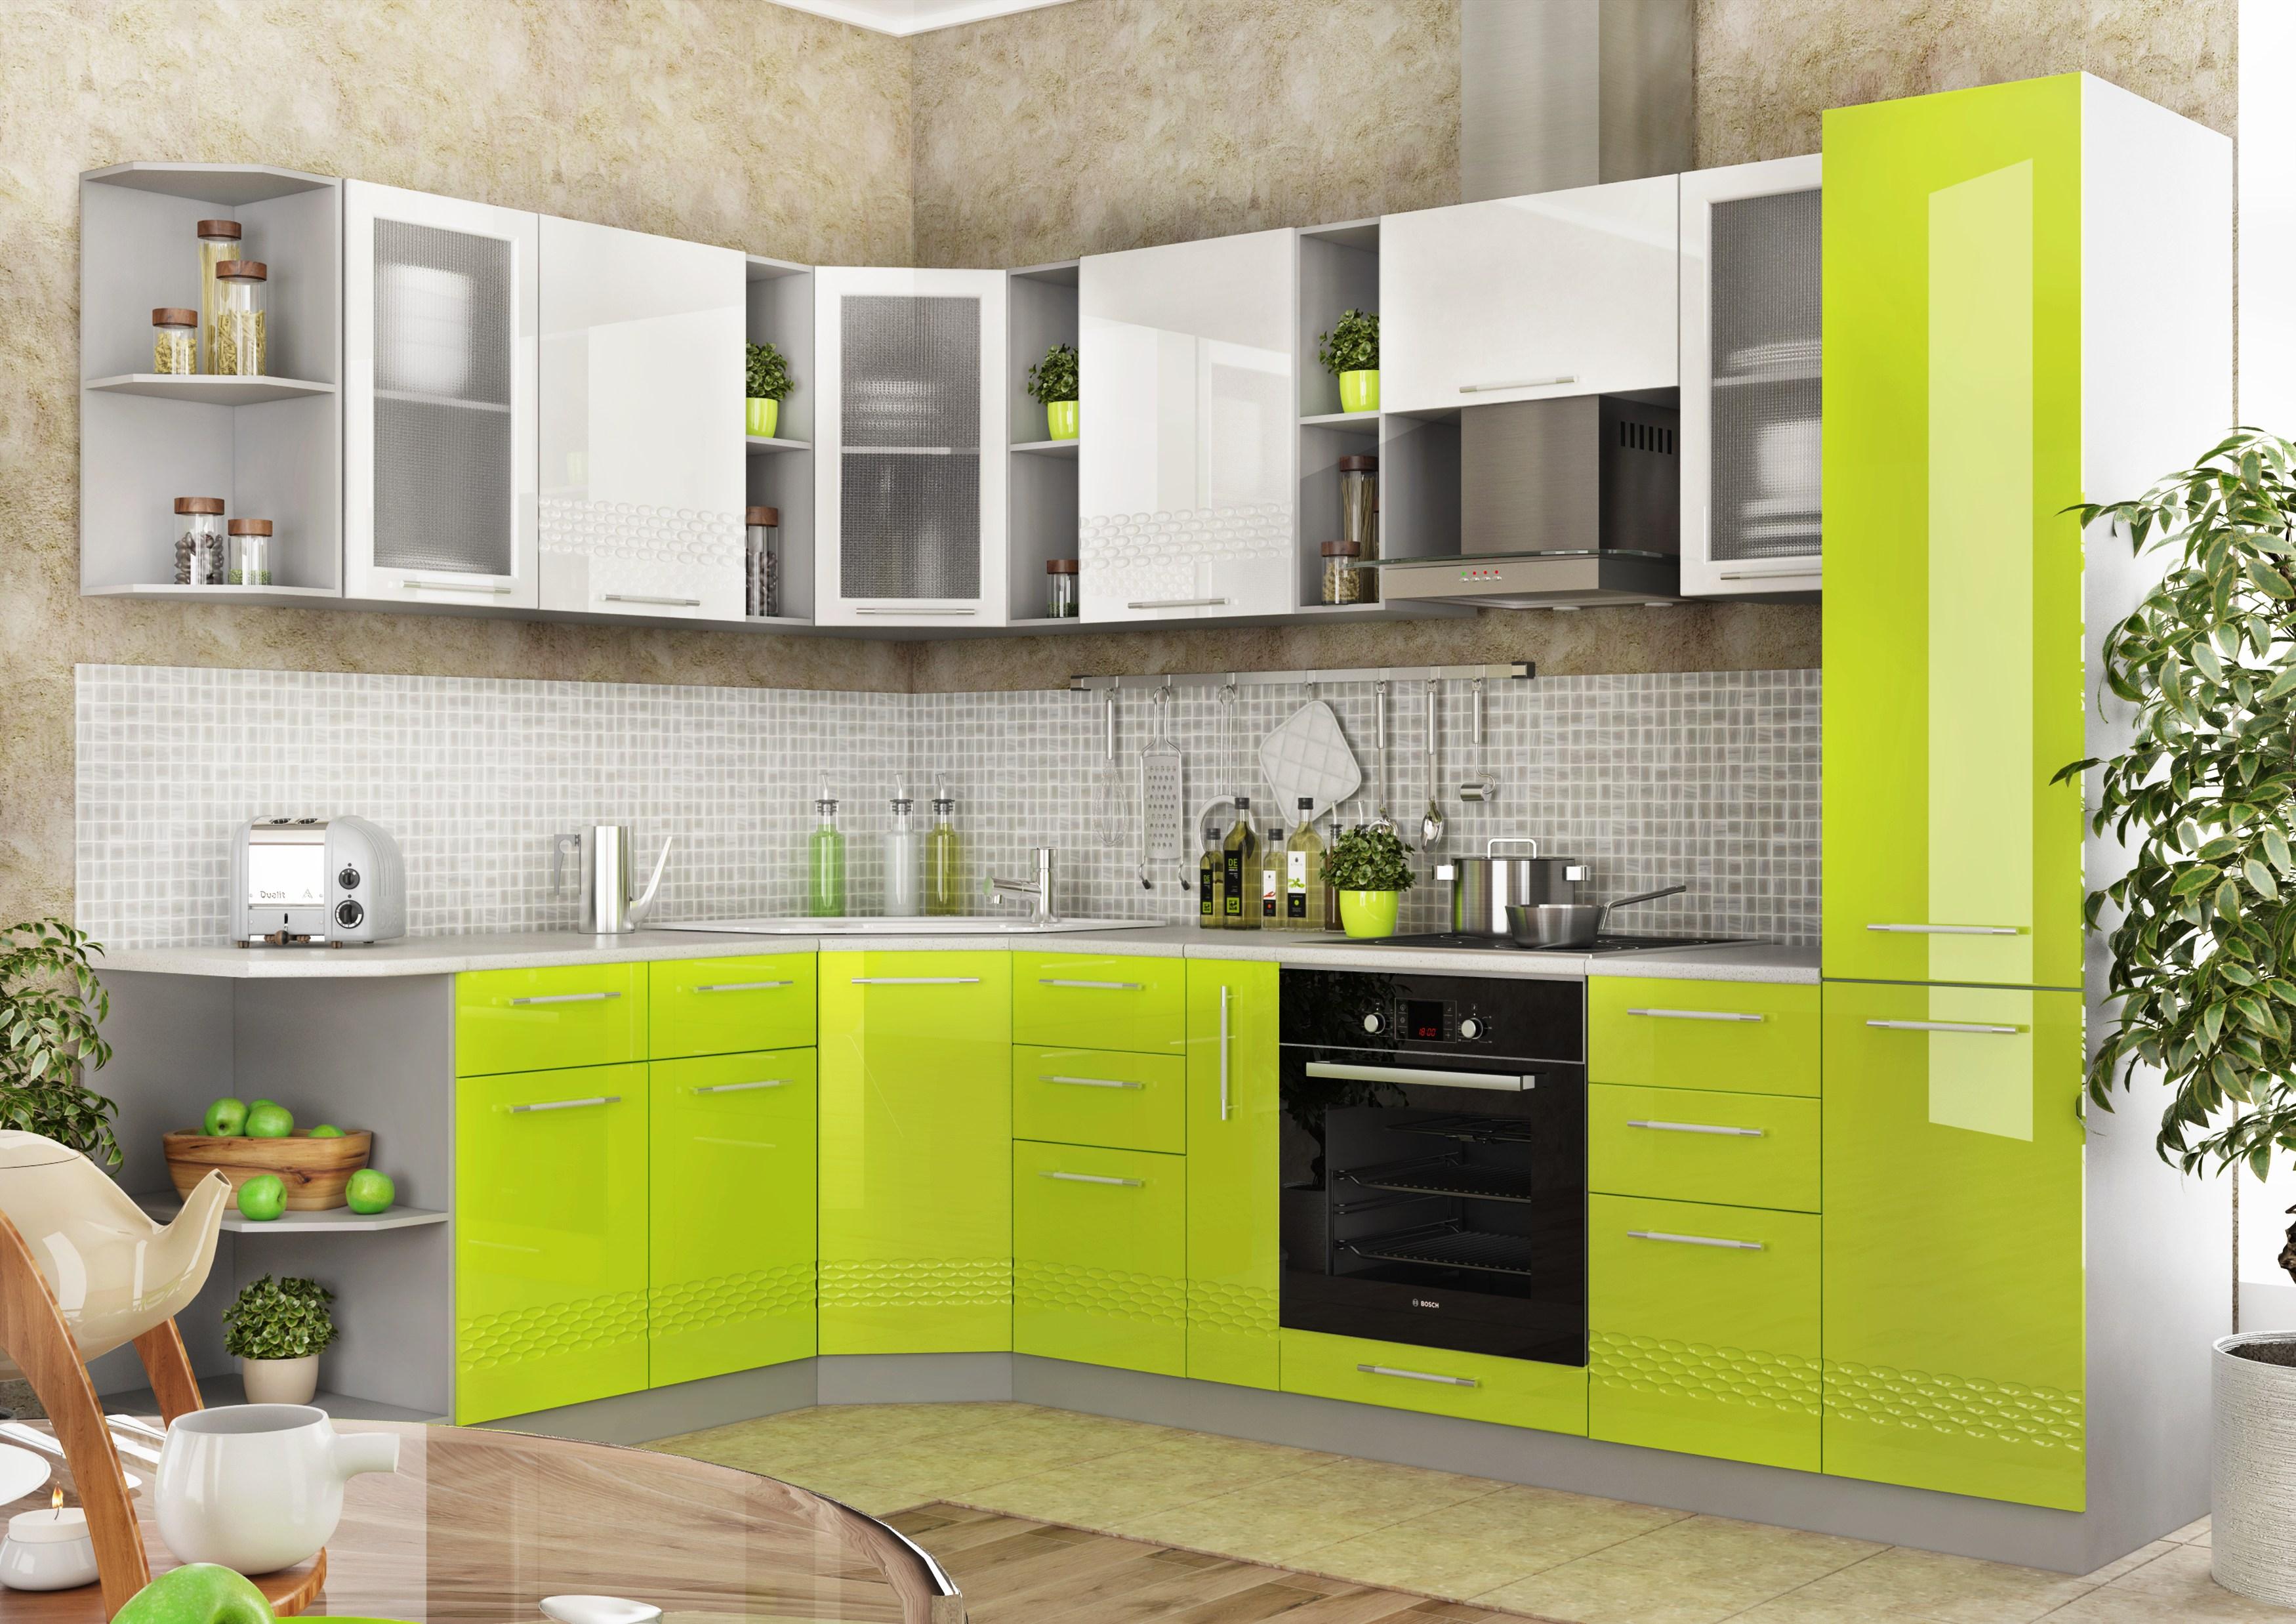 долгого перерыва модели кухонных гарнитуров угловых фото шаблон для быстрого